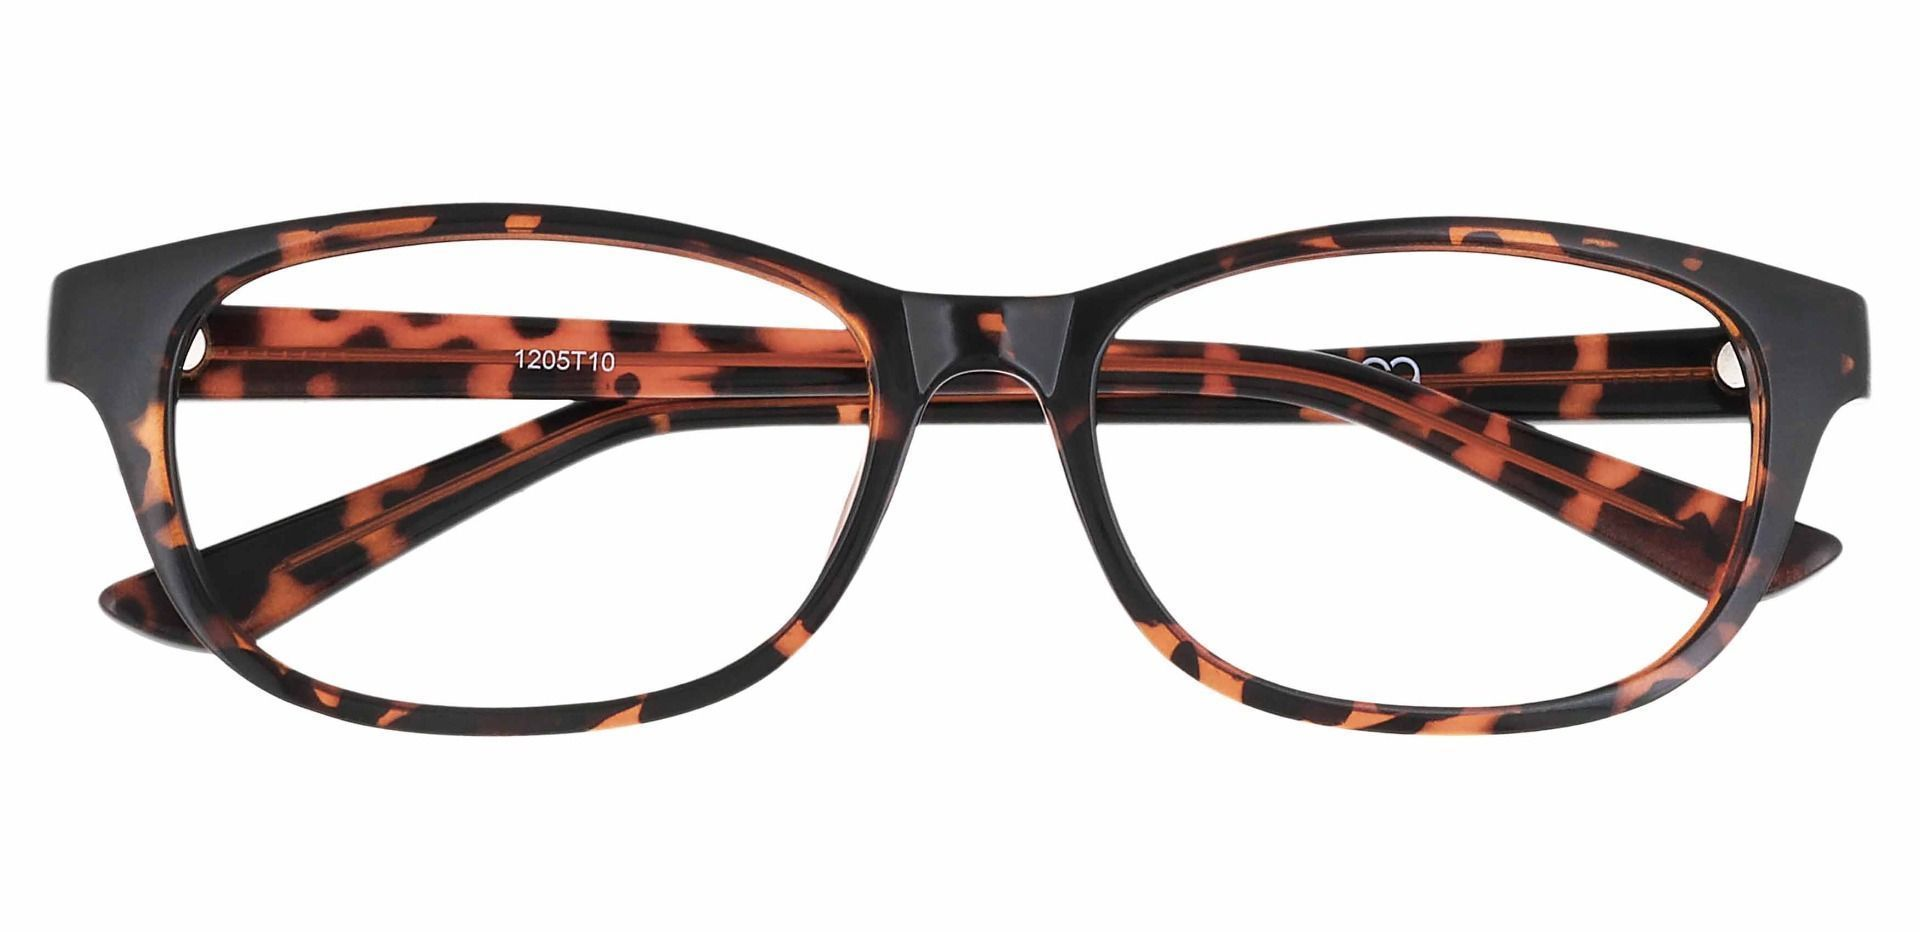 Reyna Classic Square Progressive Glasses - Tortoise